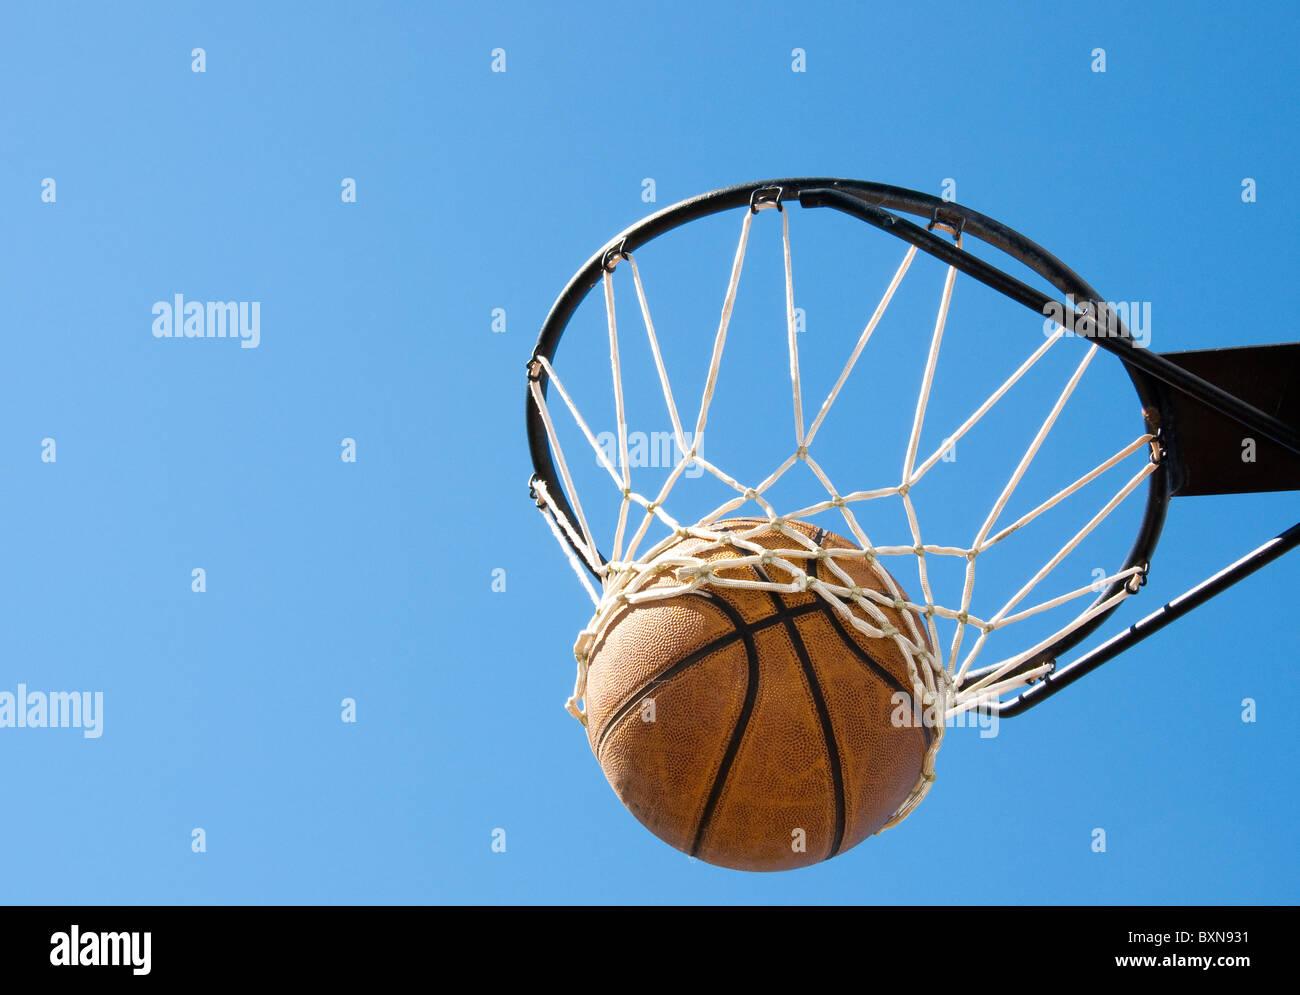 Basketball im Netz - abstraktes Konzept für den Erfolg, seine Ziele zu erreichen Stockbild